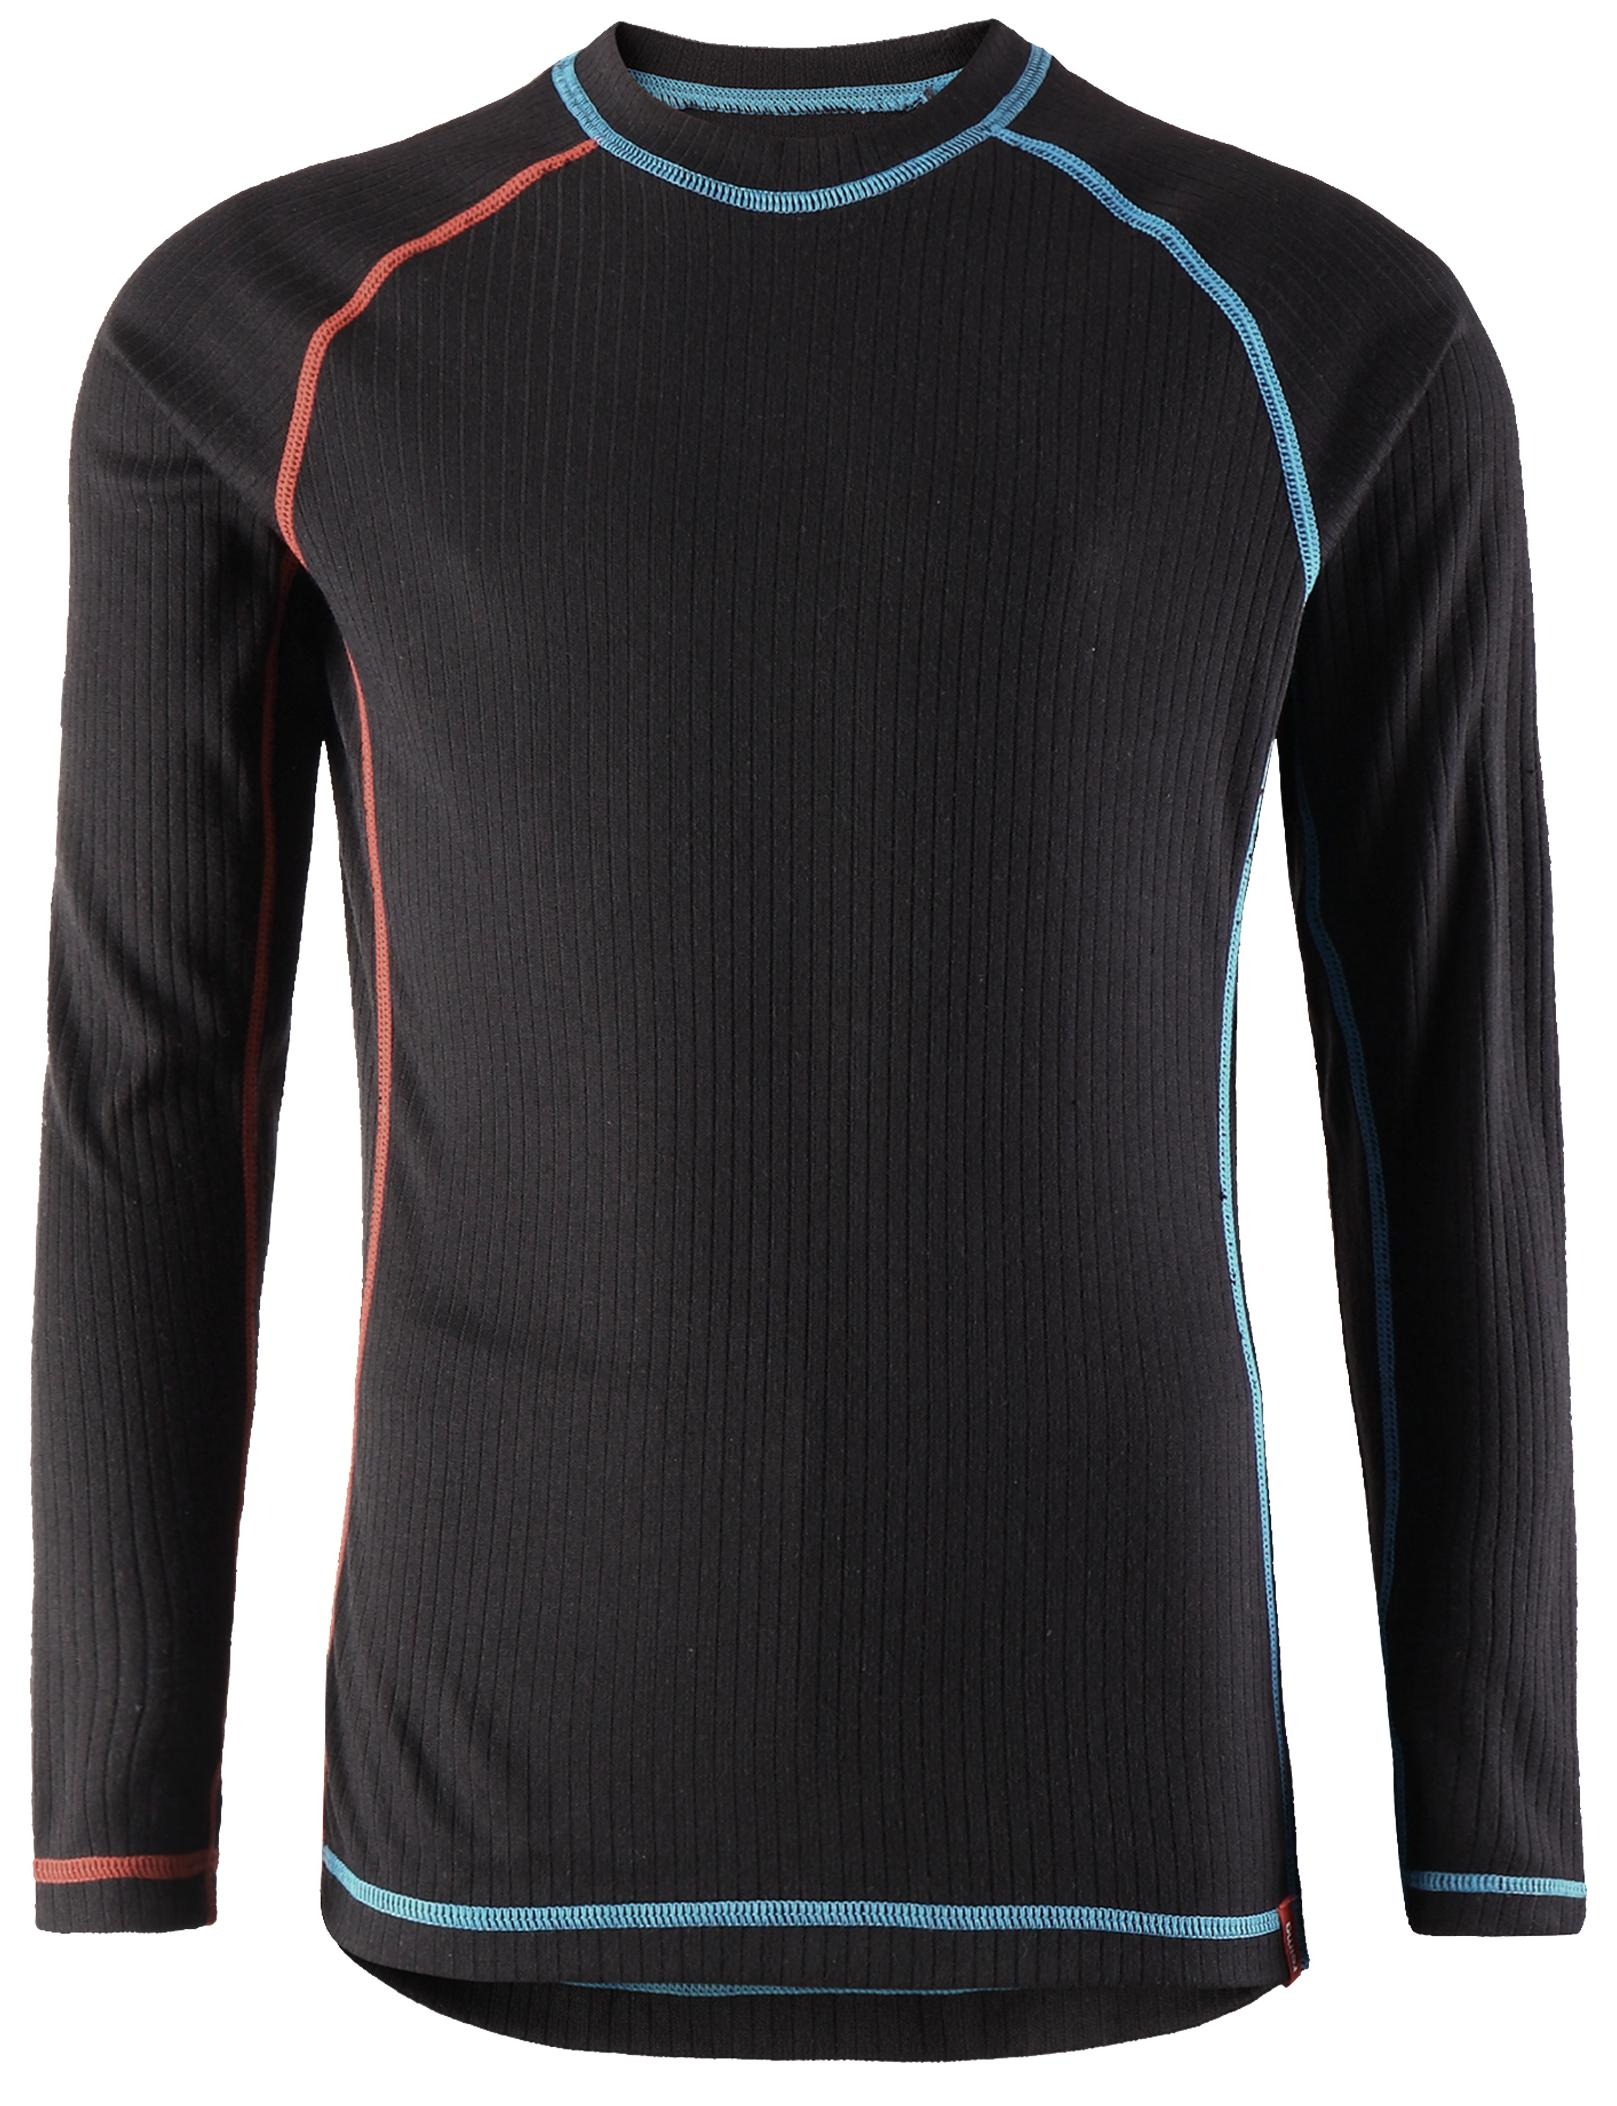 Комплект (футболка, длинный рукав, + брюки) Reima 2018-19 Cepheus BLACK, Брюки - арт. 1117860151